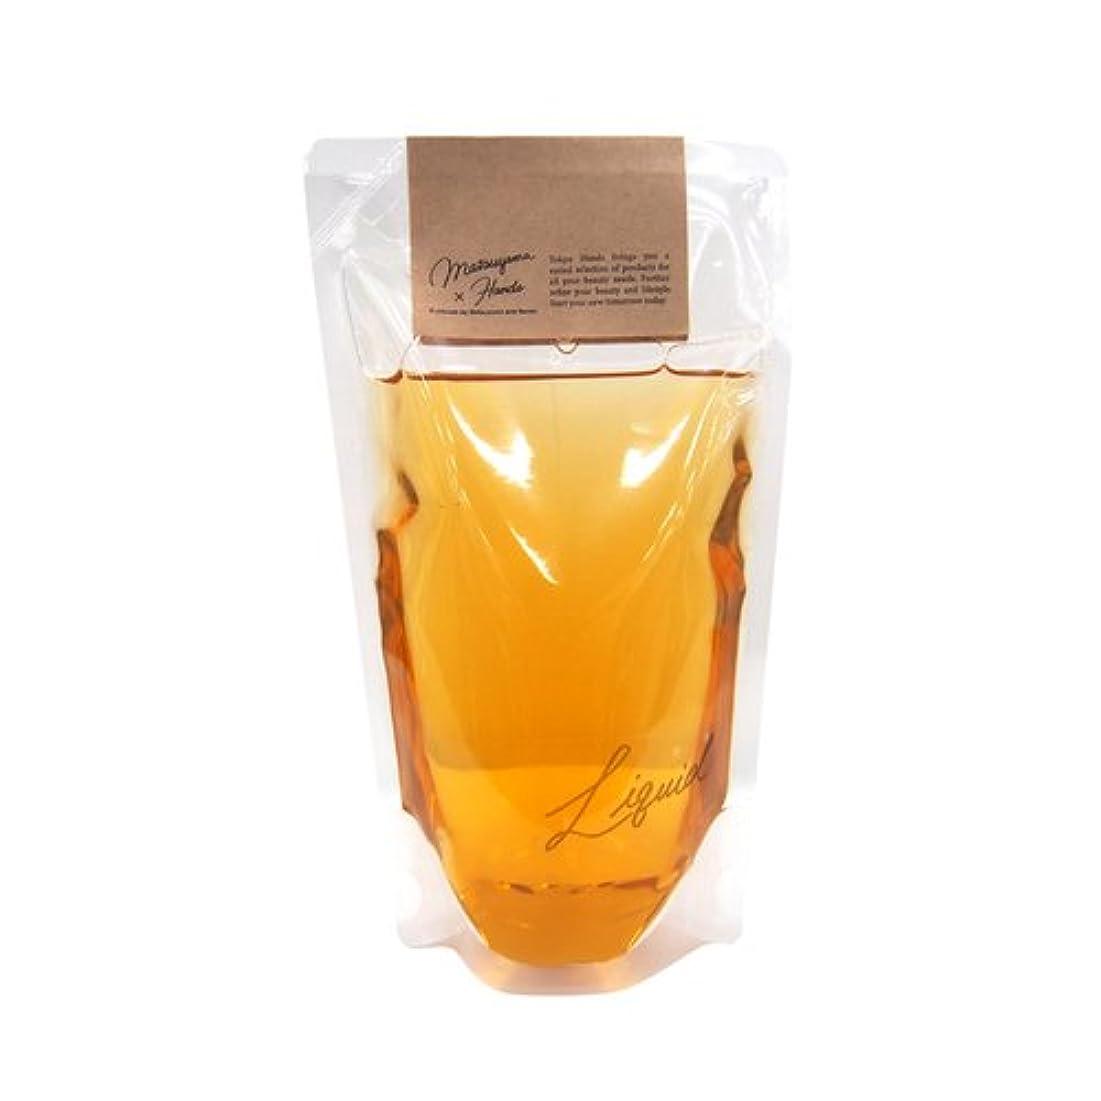 マンハッタン深める好意松山油脂×東急ハンズ 東急ハンズオリジナル モイスチャーリキッドソープ カモミール替 280mL